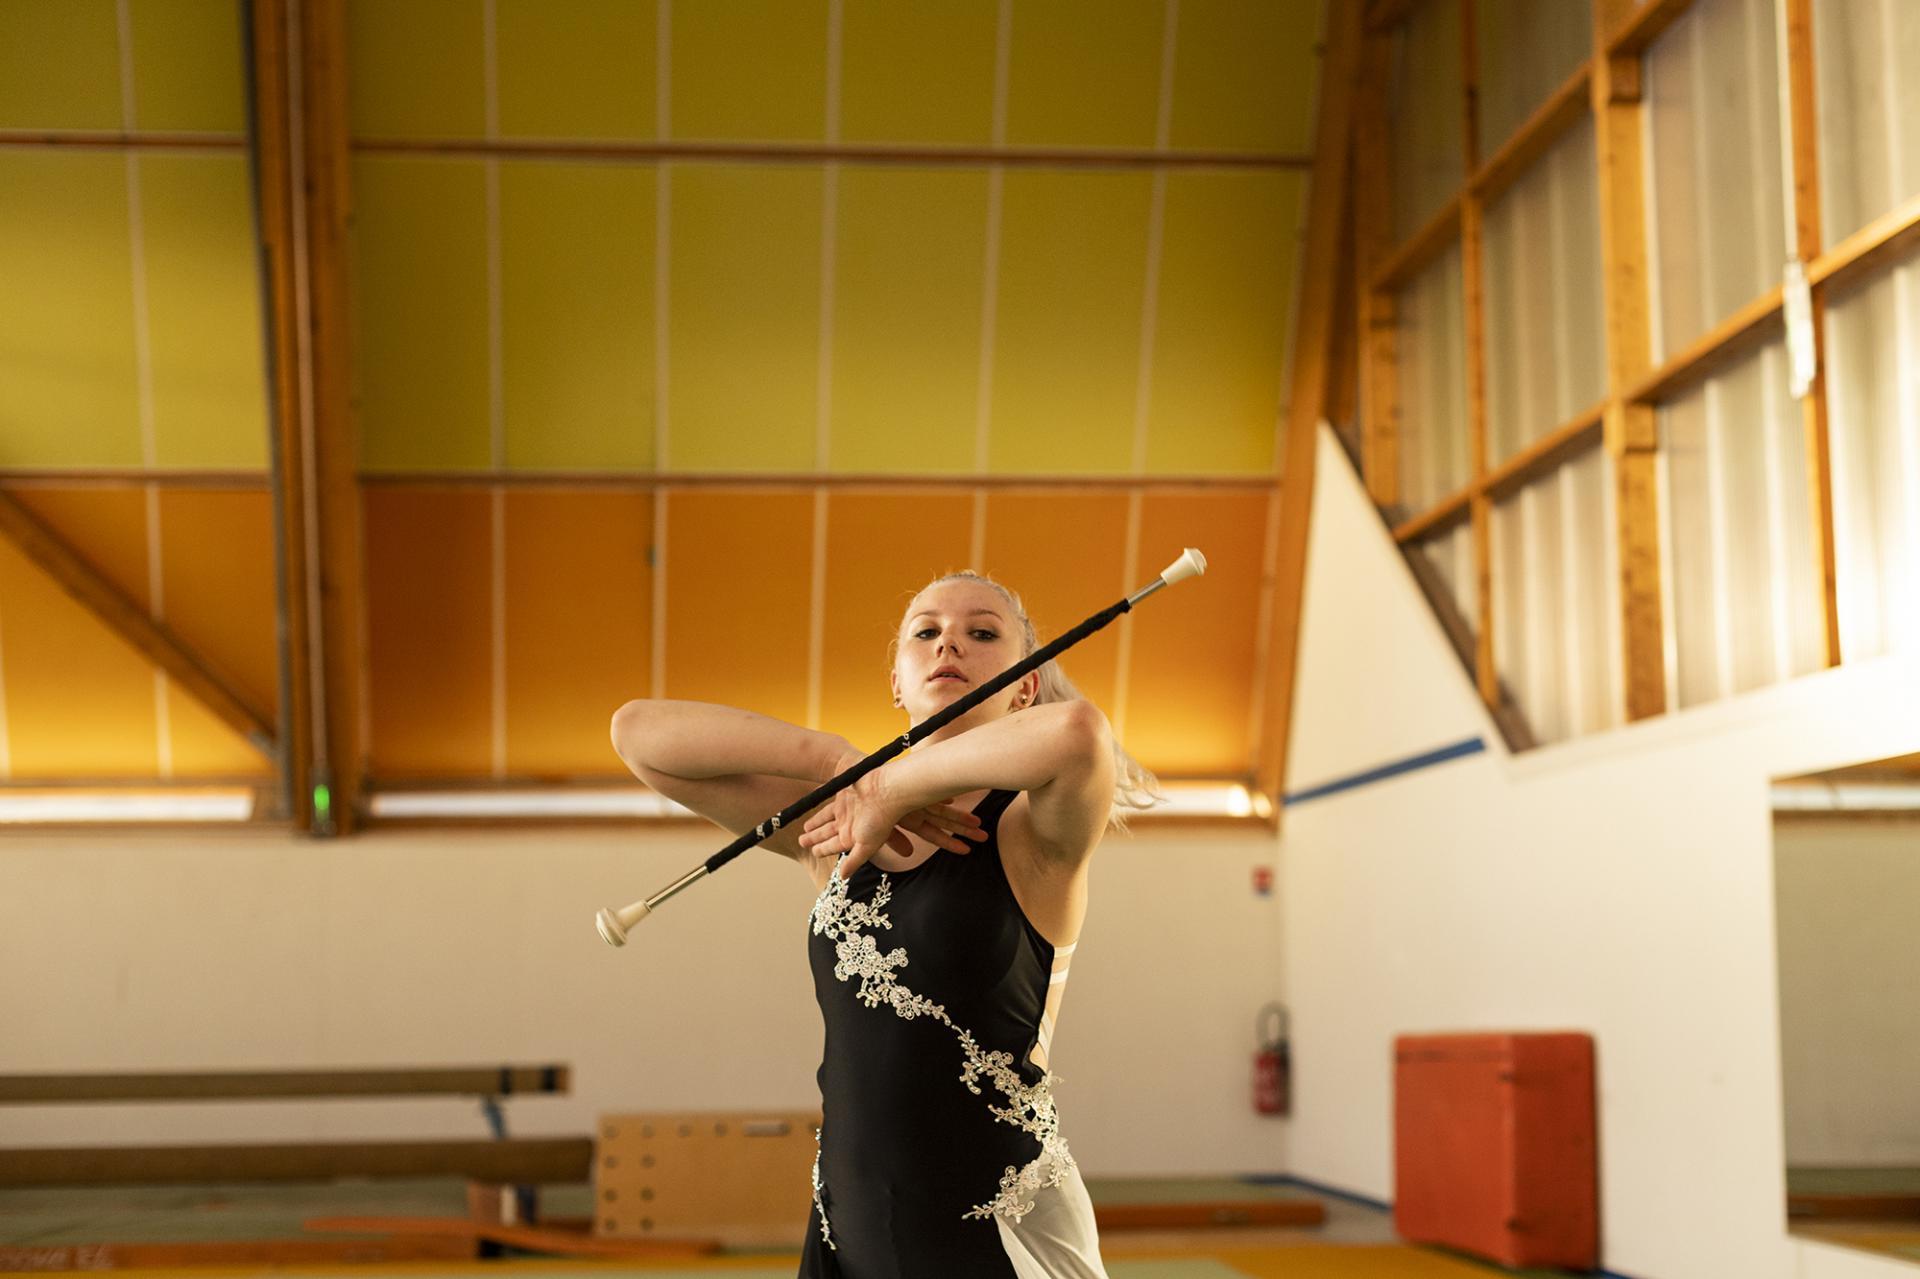 Twirling - Anaïs Poncelet